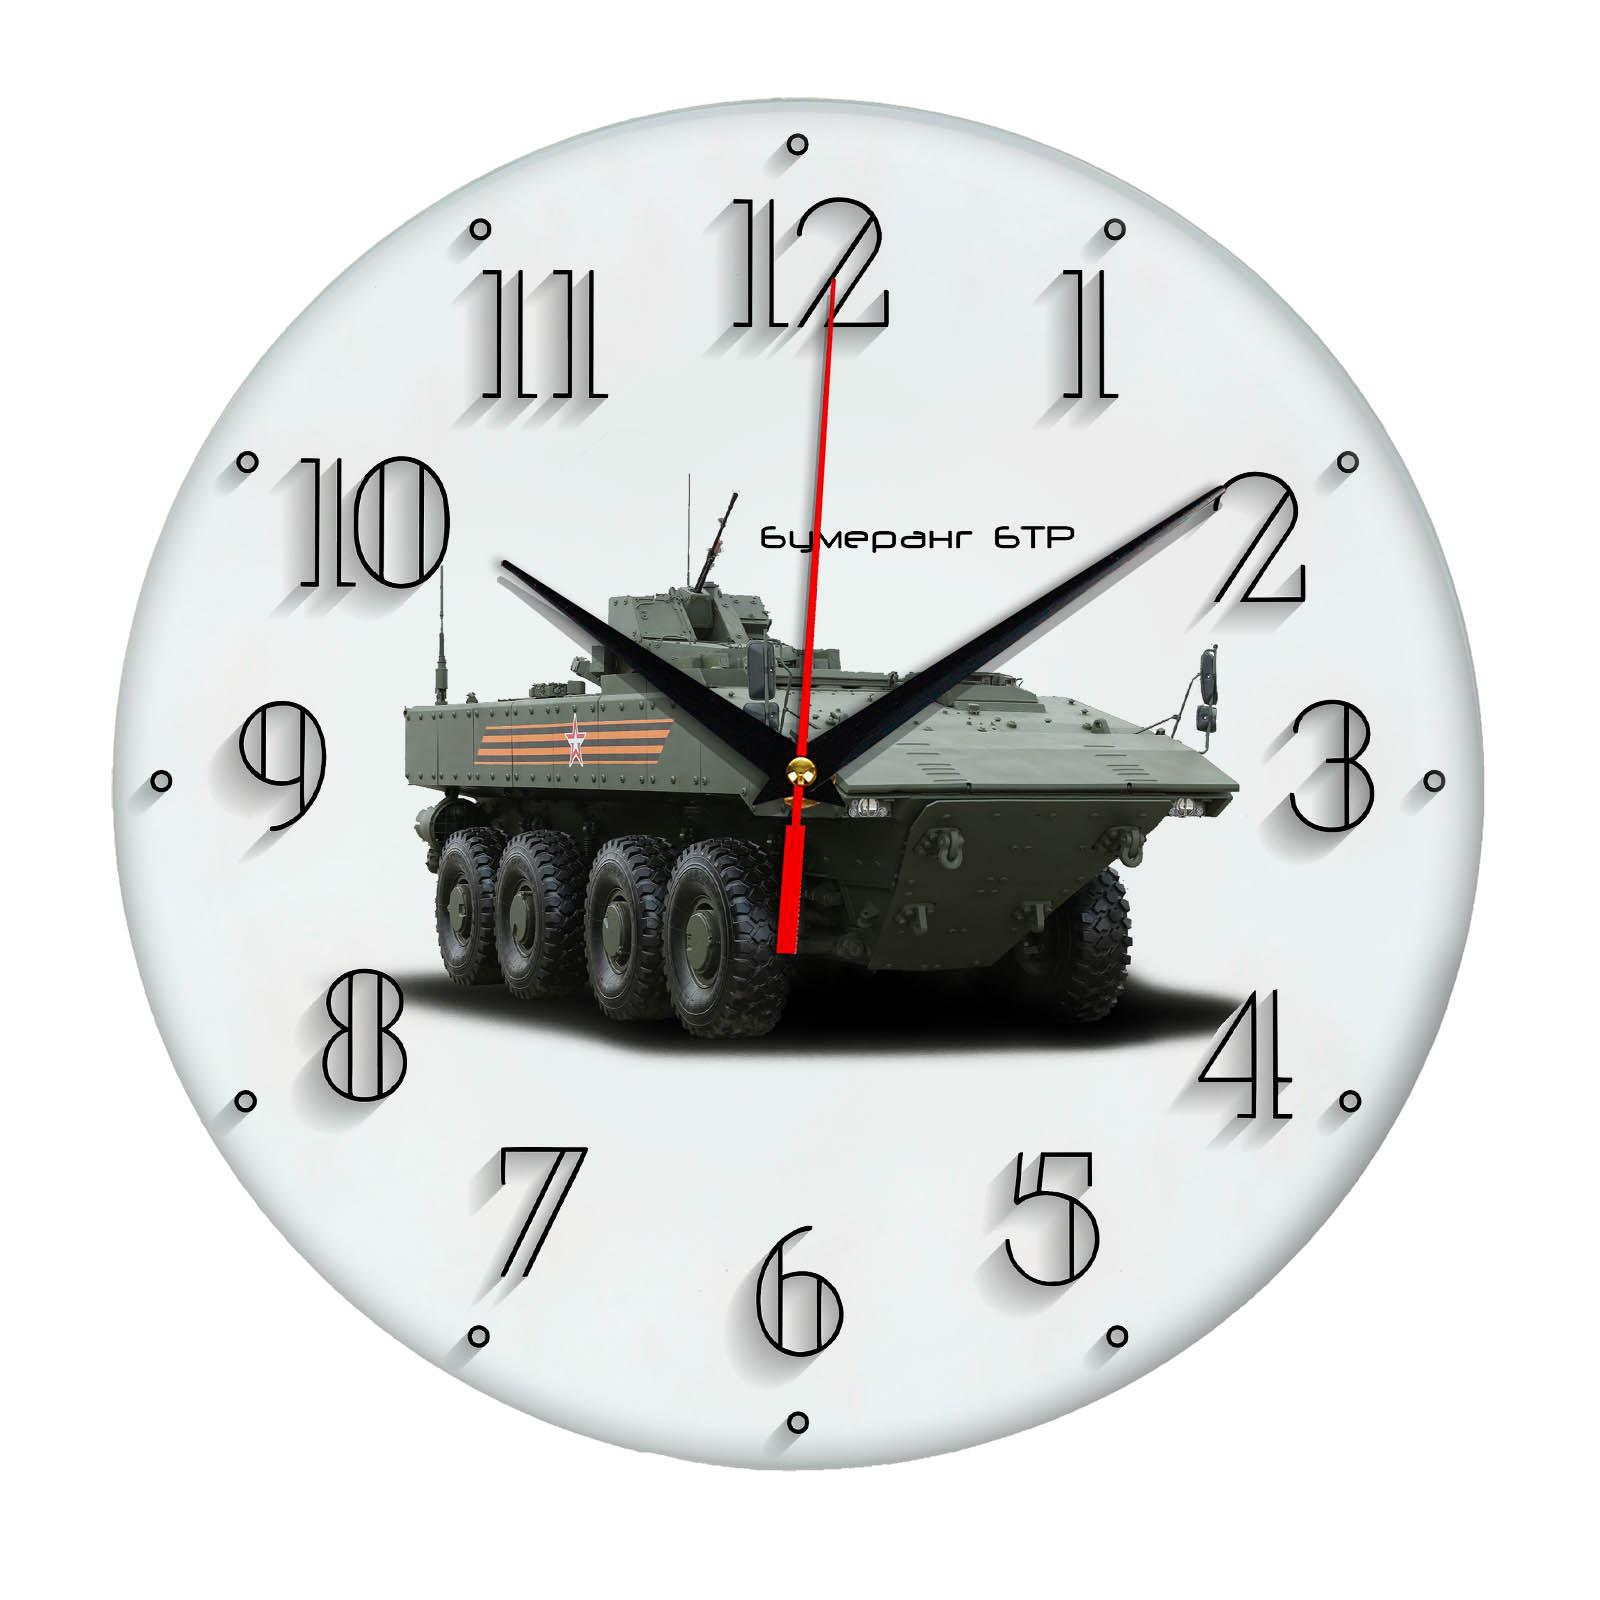 Сувенир часы «БТР Бумеранг»